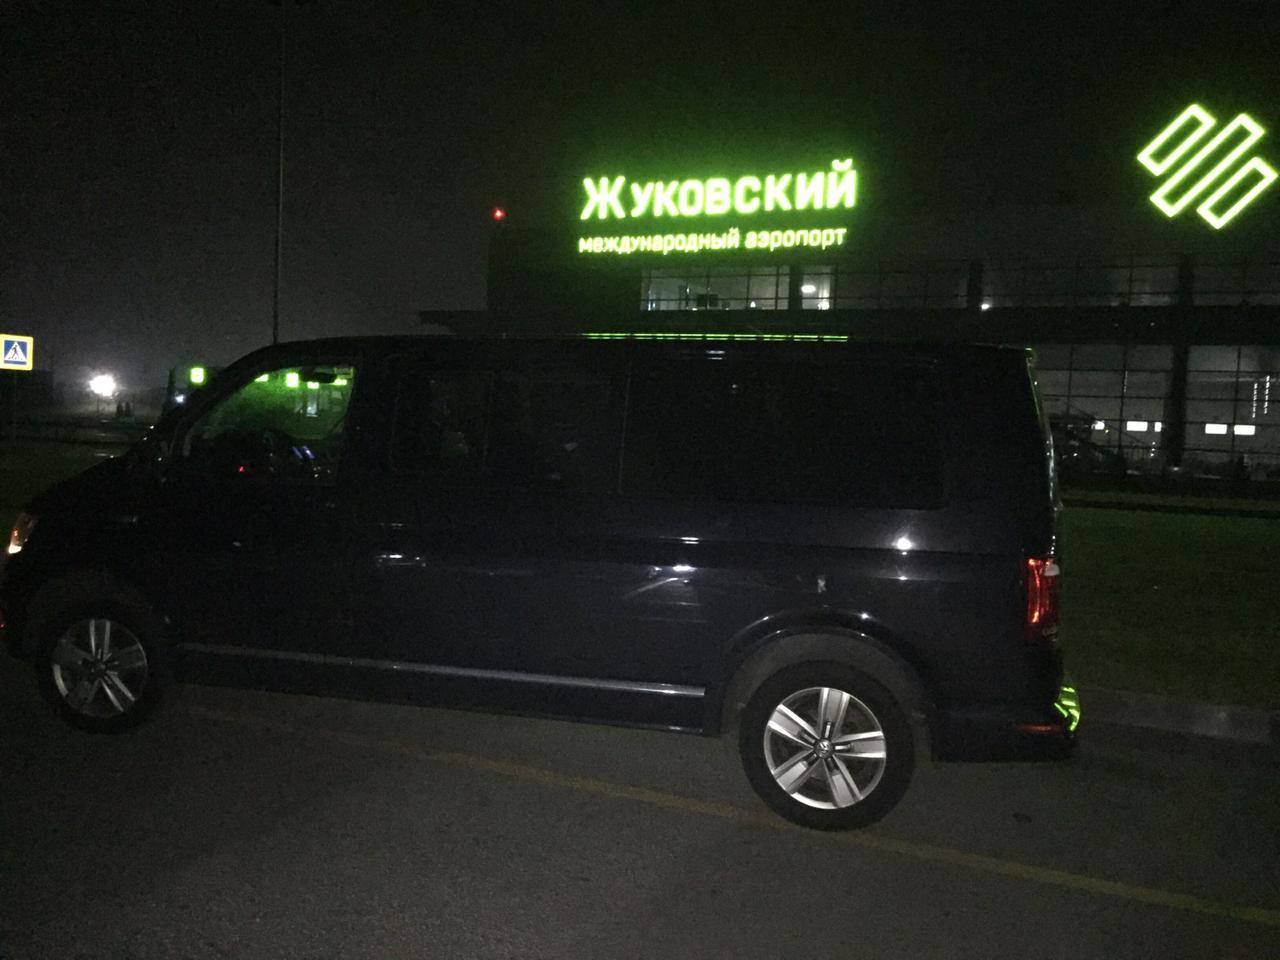 минмвэн в аэропорт жуковский